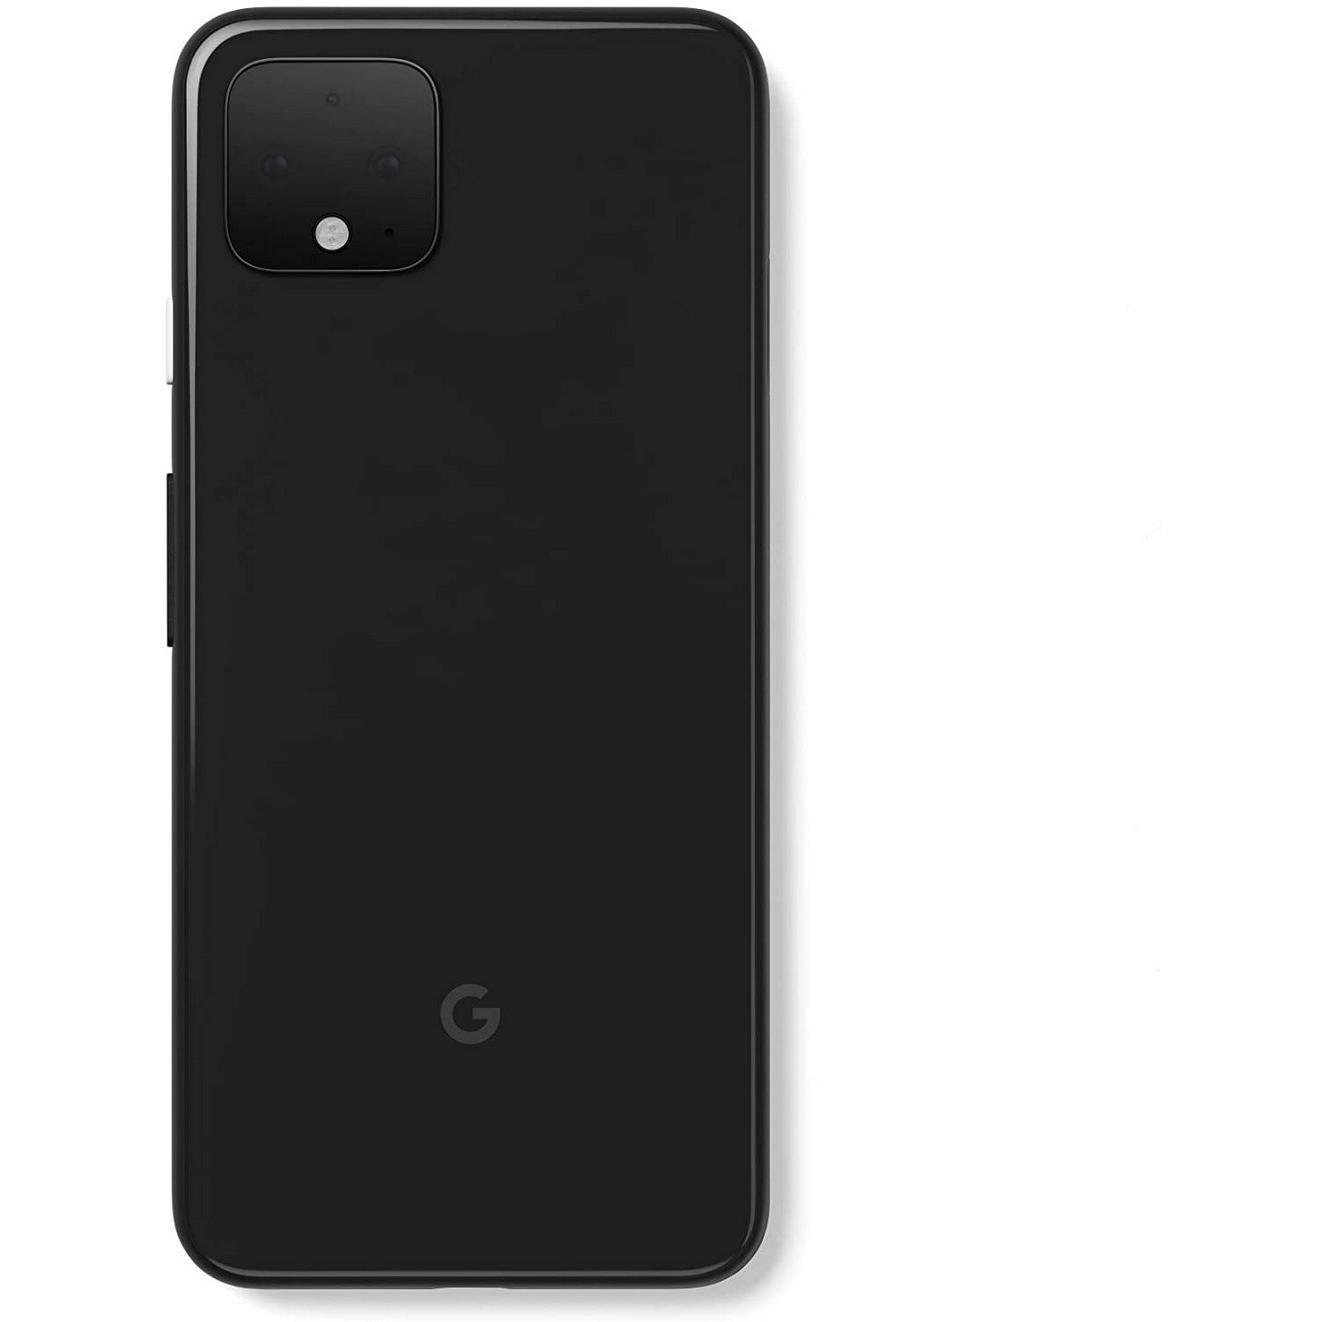 Google Pixel 4 XL AT&T